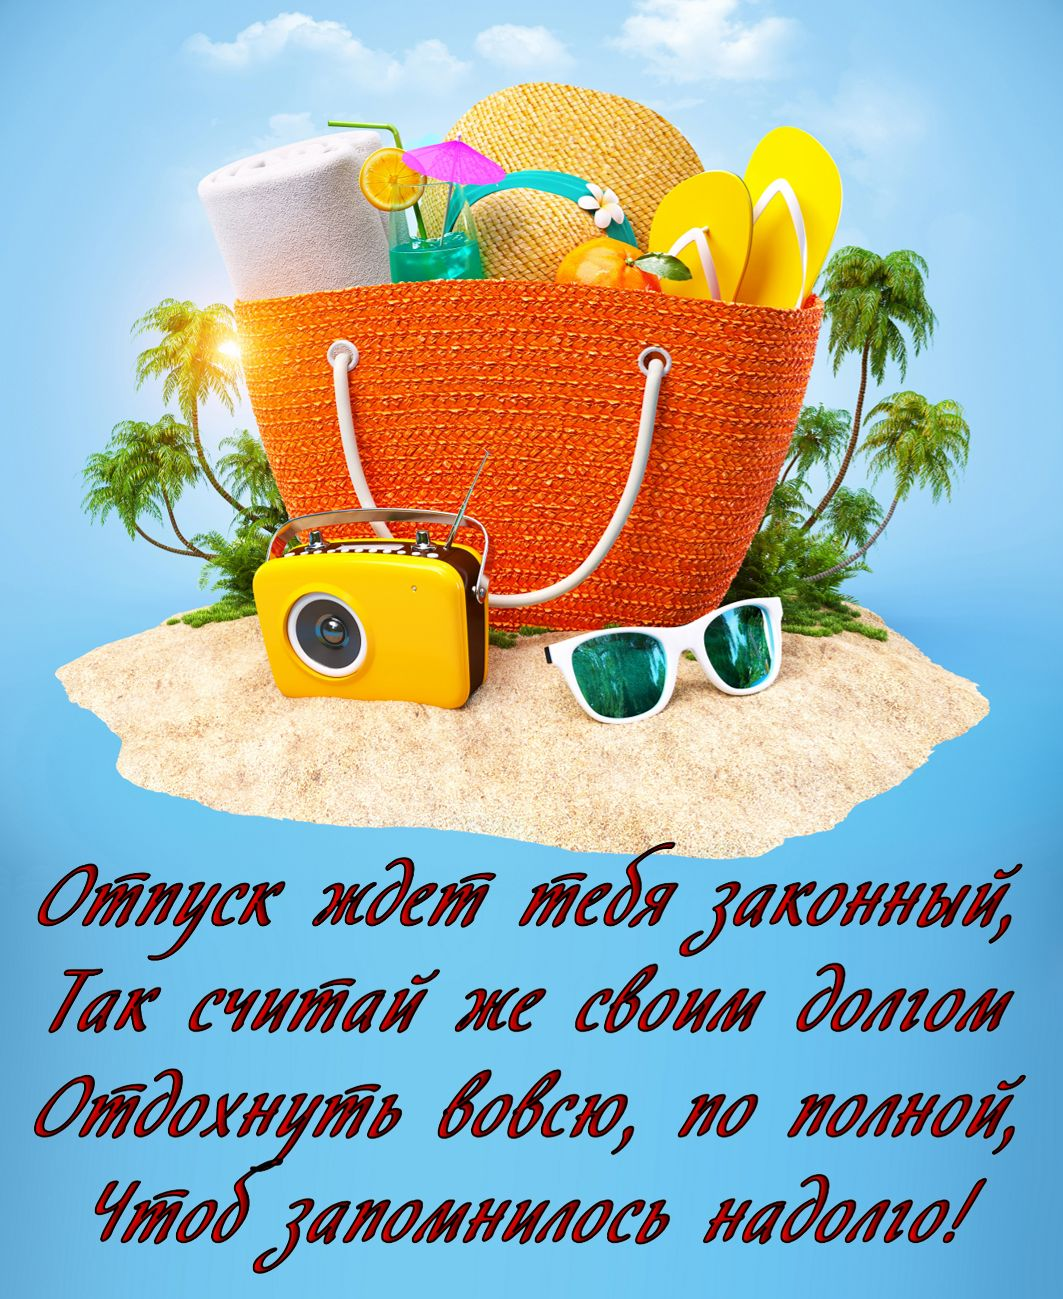 Пожелание на открытке из отпуска